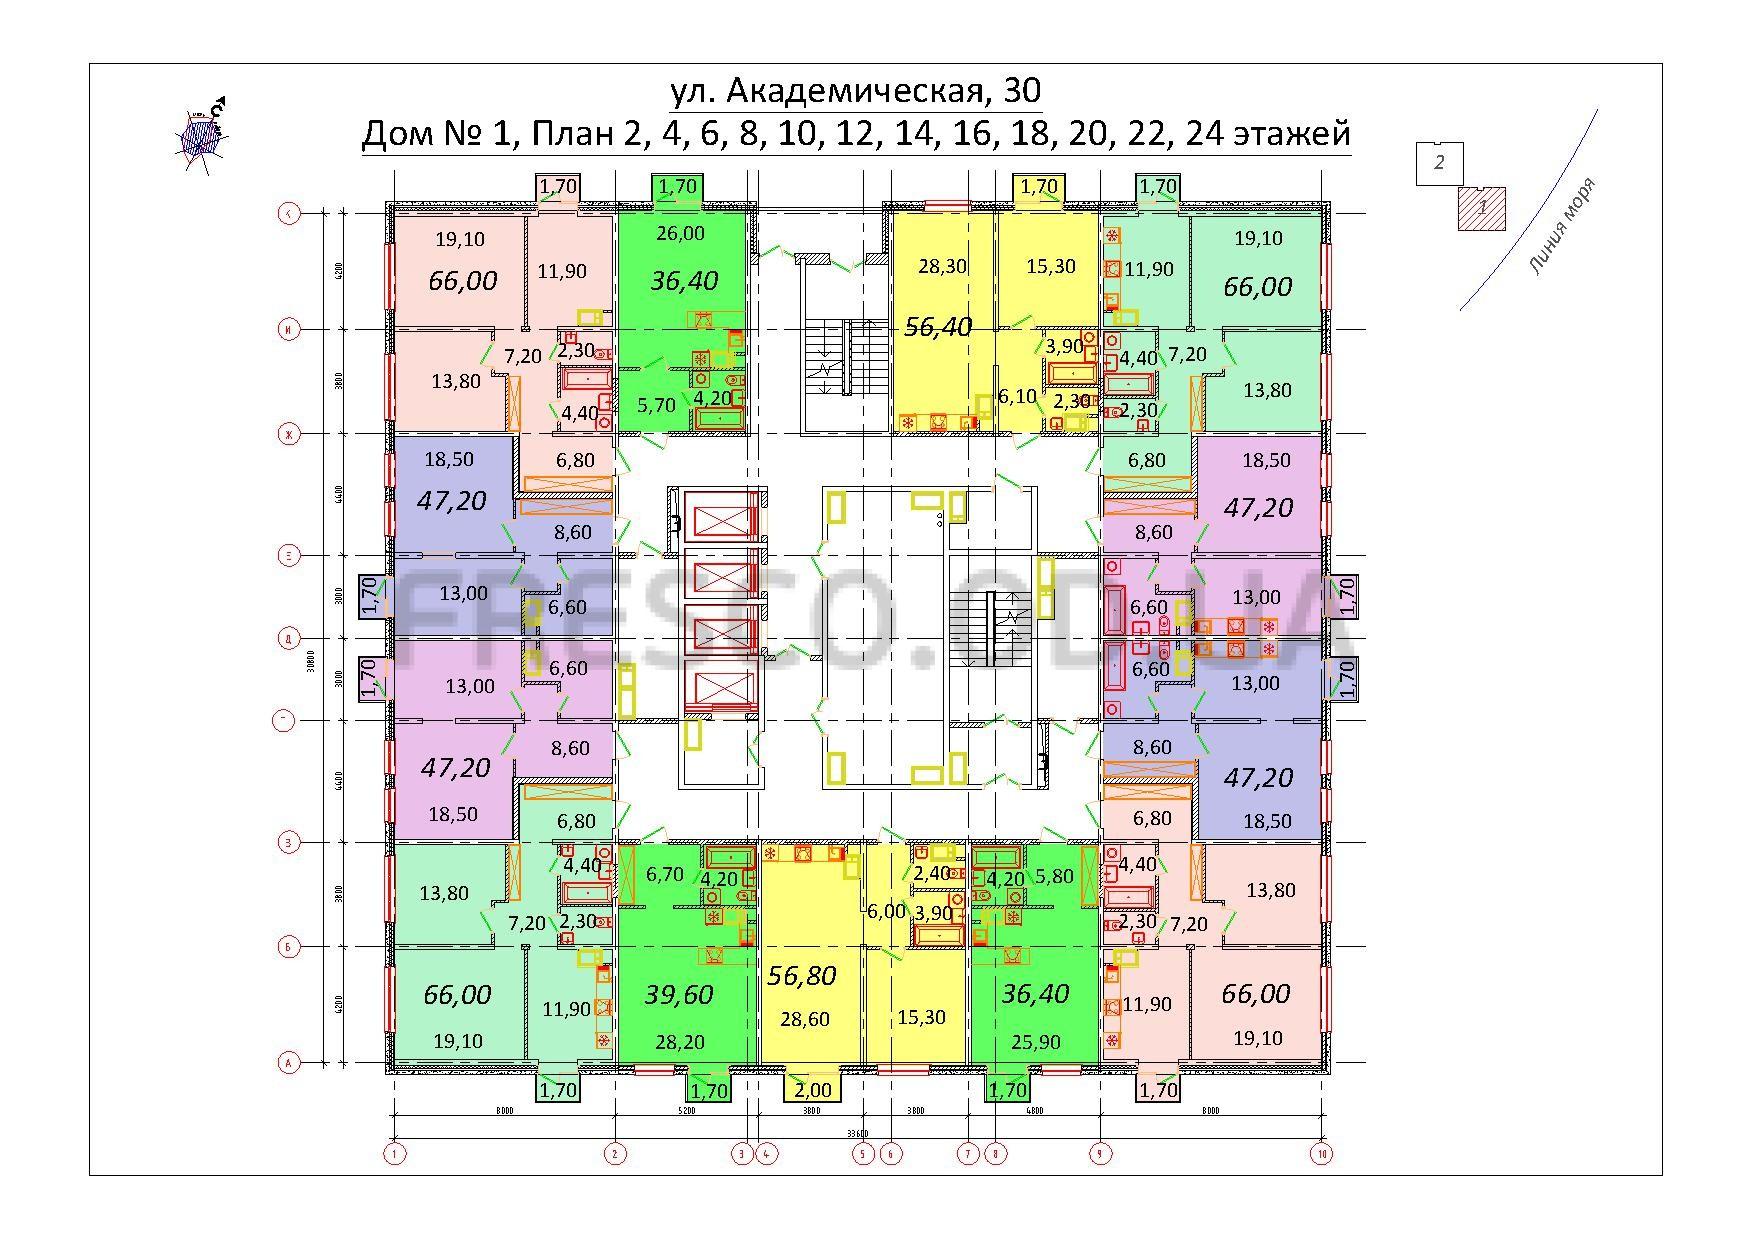 Будова Академическая Дом 1 план четных этажей